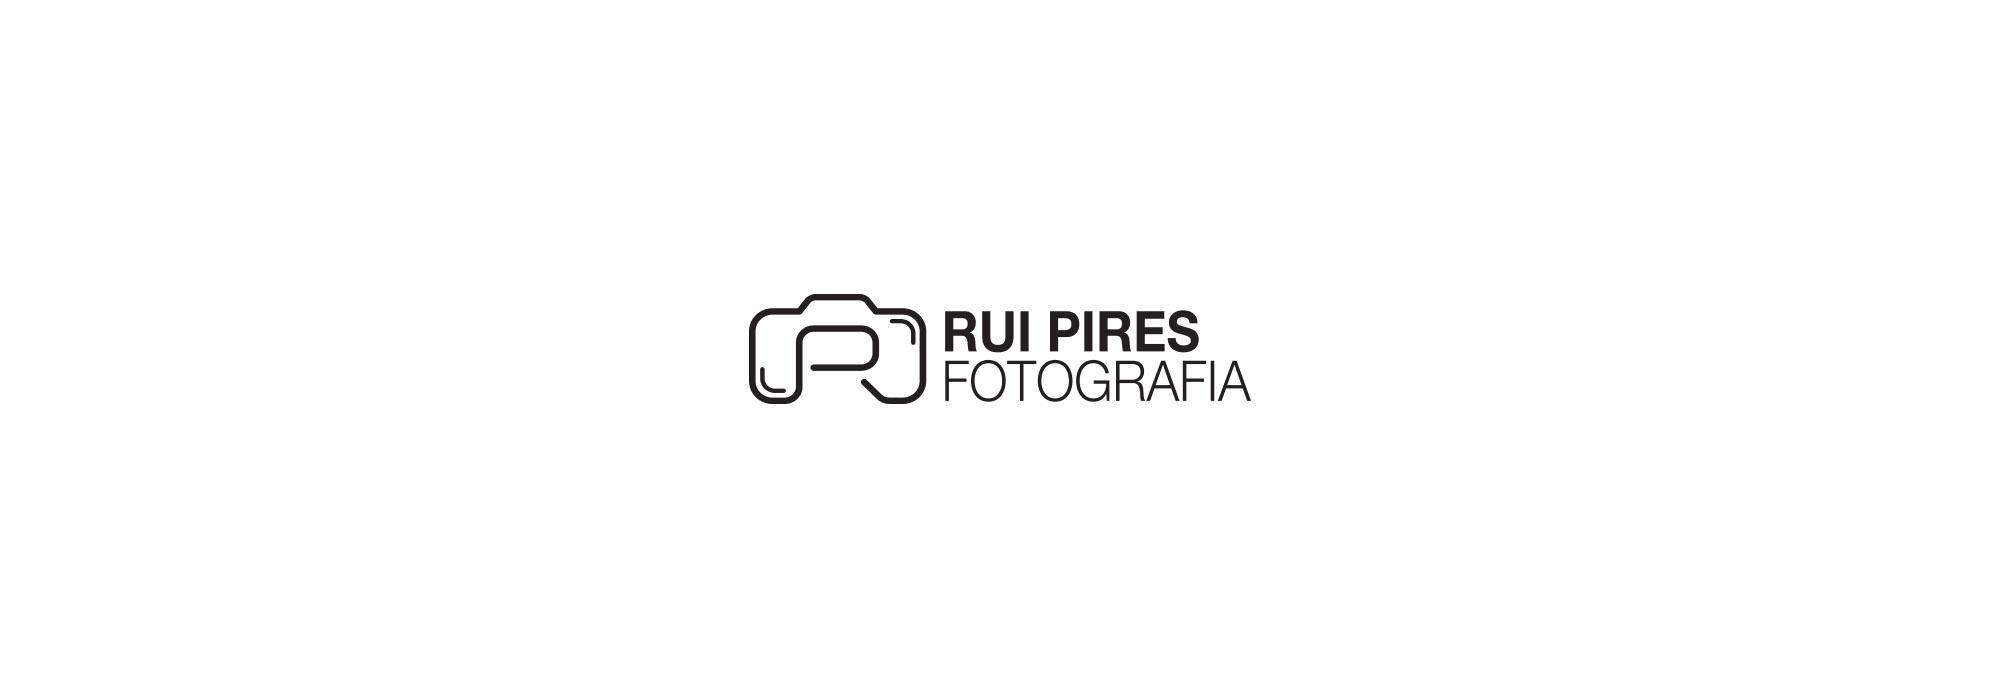 rui-pires01